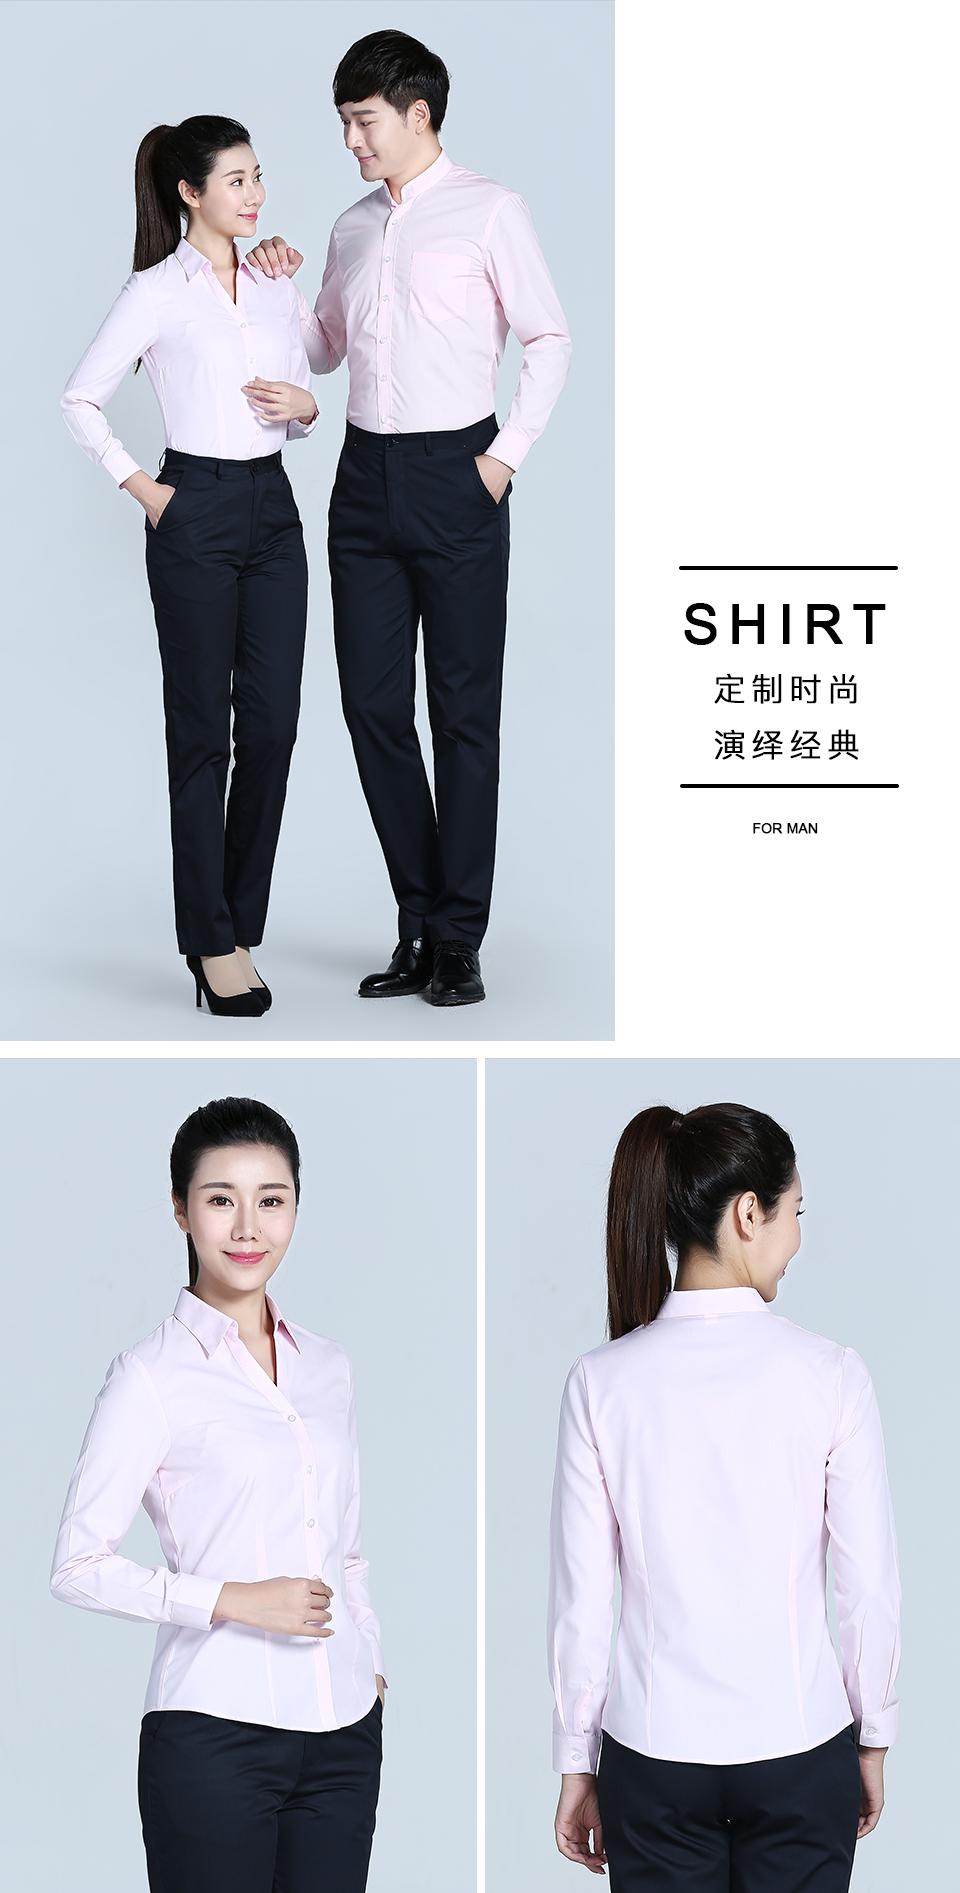 新款衬衫粉色男粉色立领商务长袖衬衫